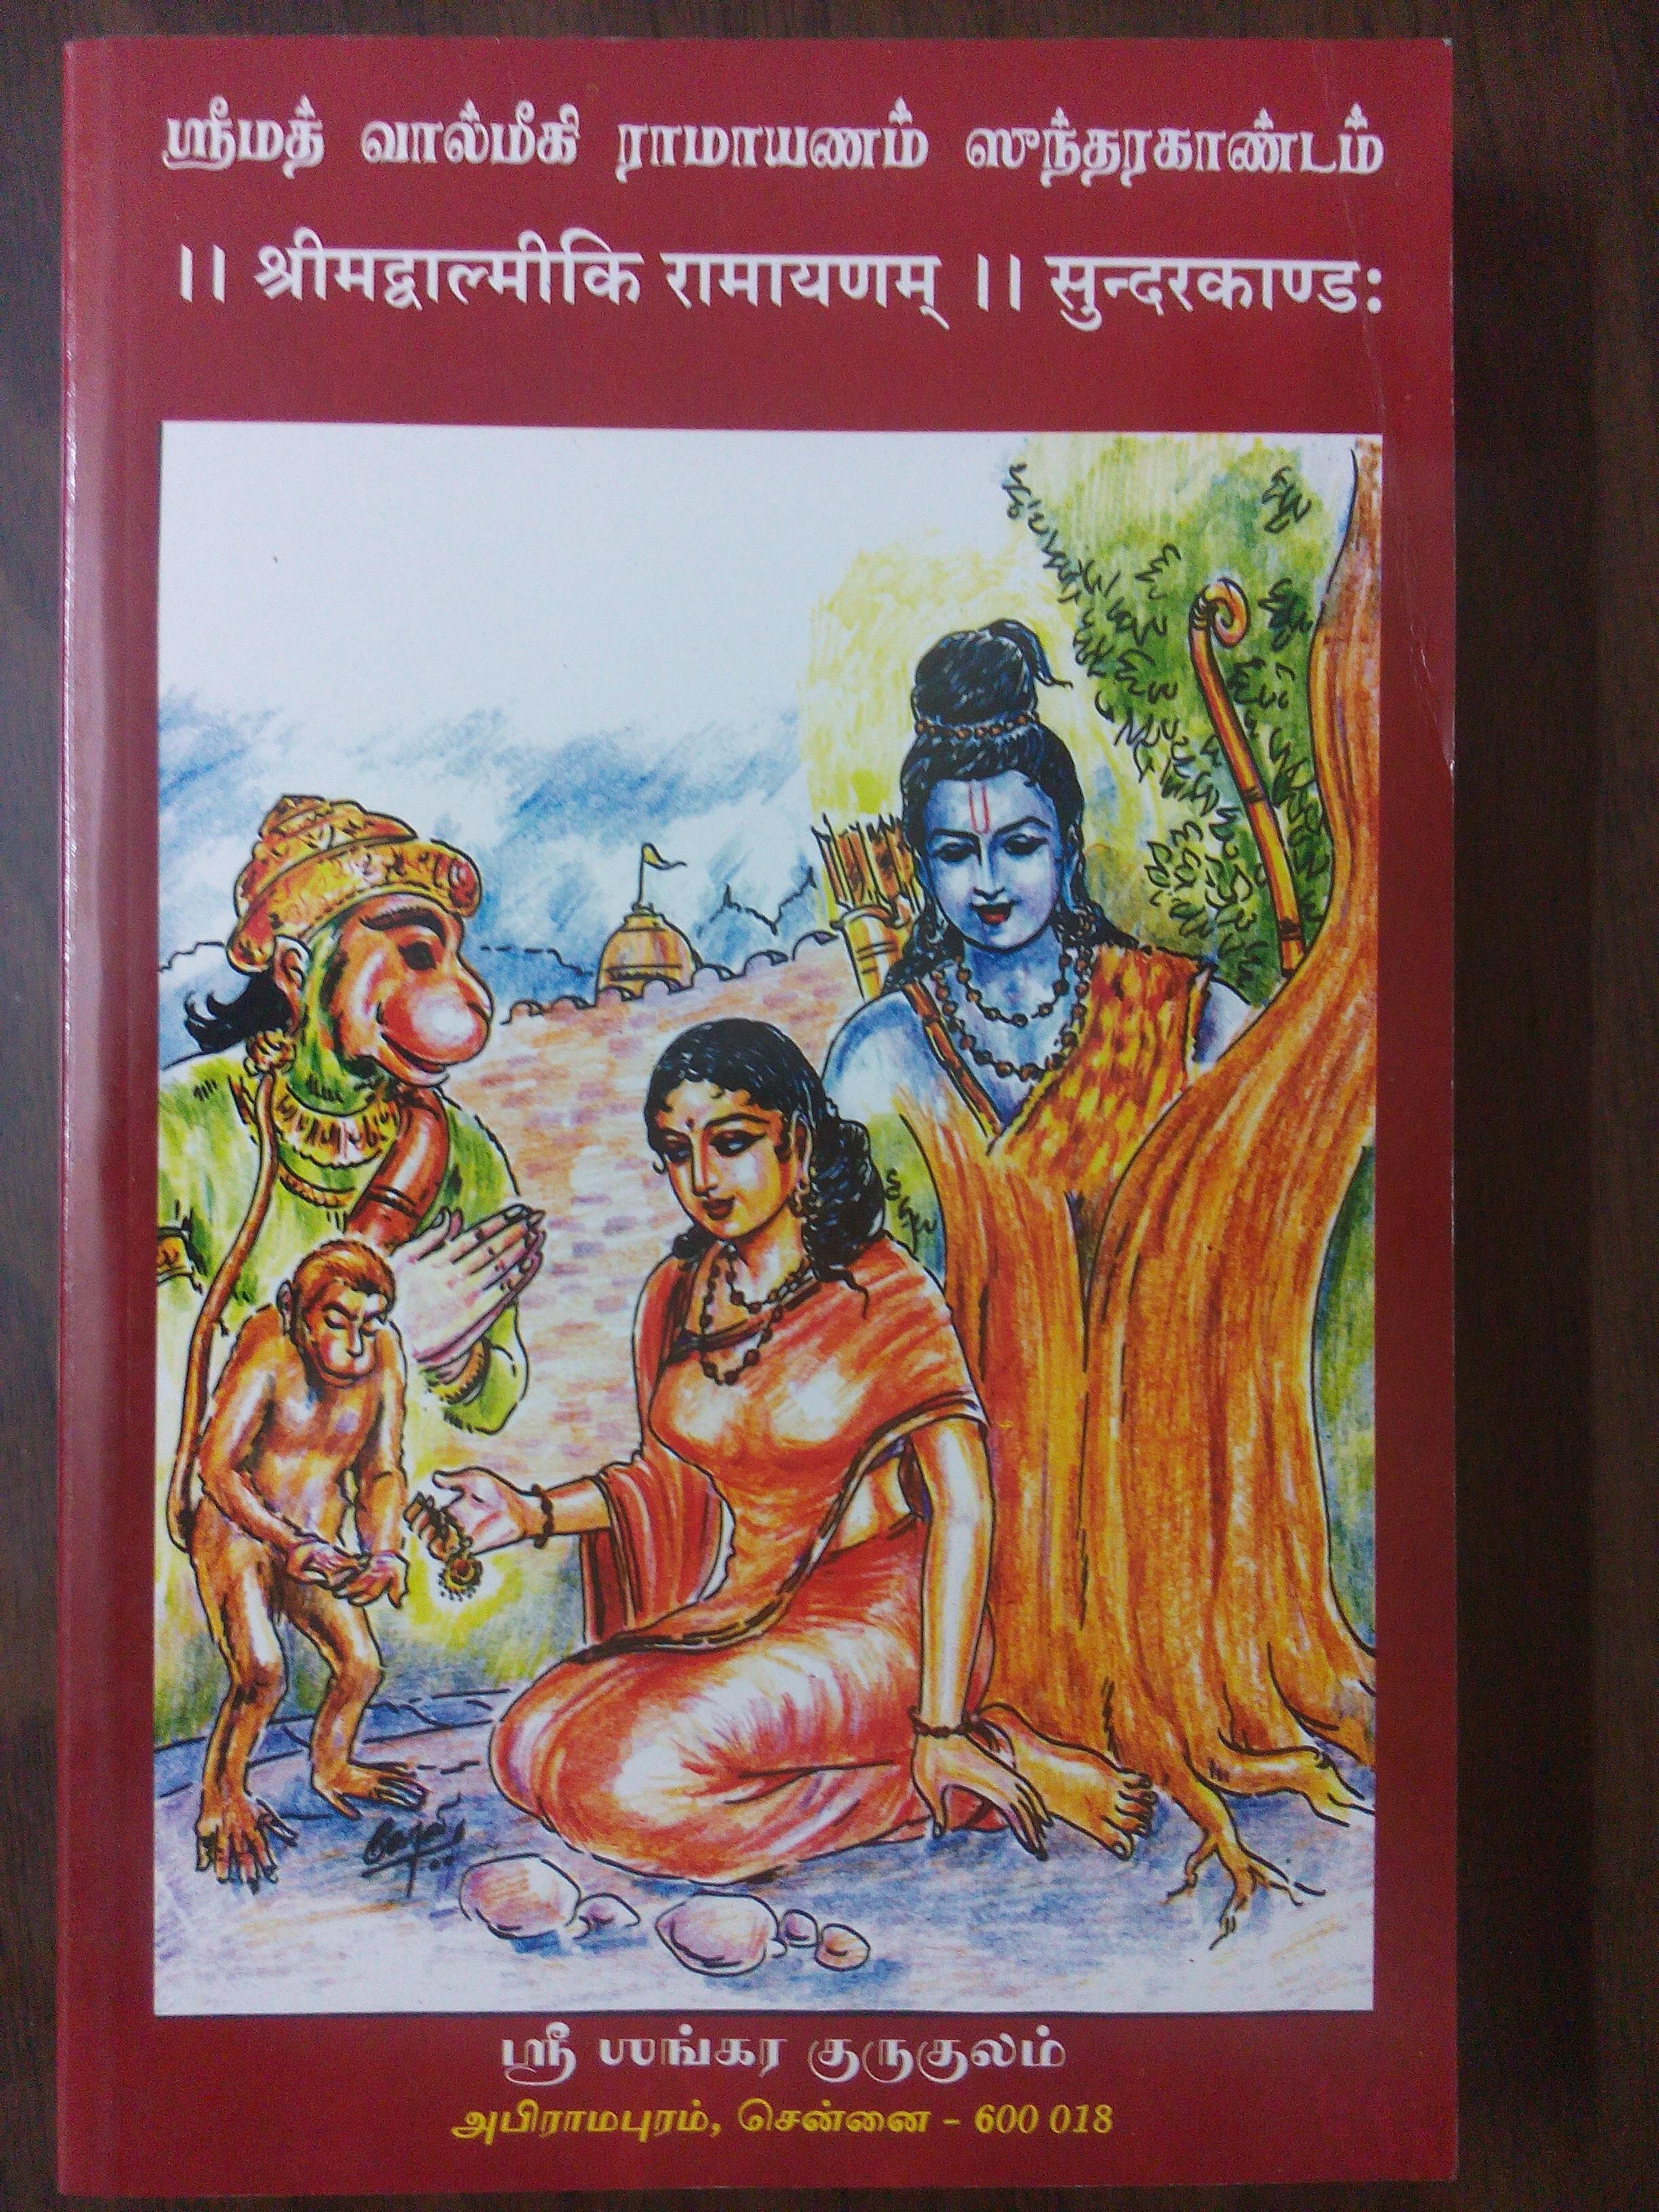 ஸ்ரீமத் வால்மீகி ராமாயணம் சுந்தர காண்டம்